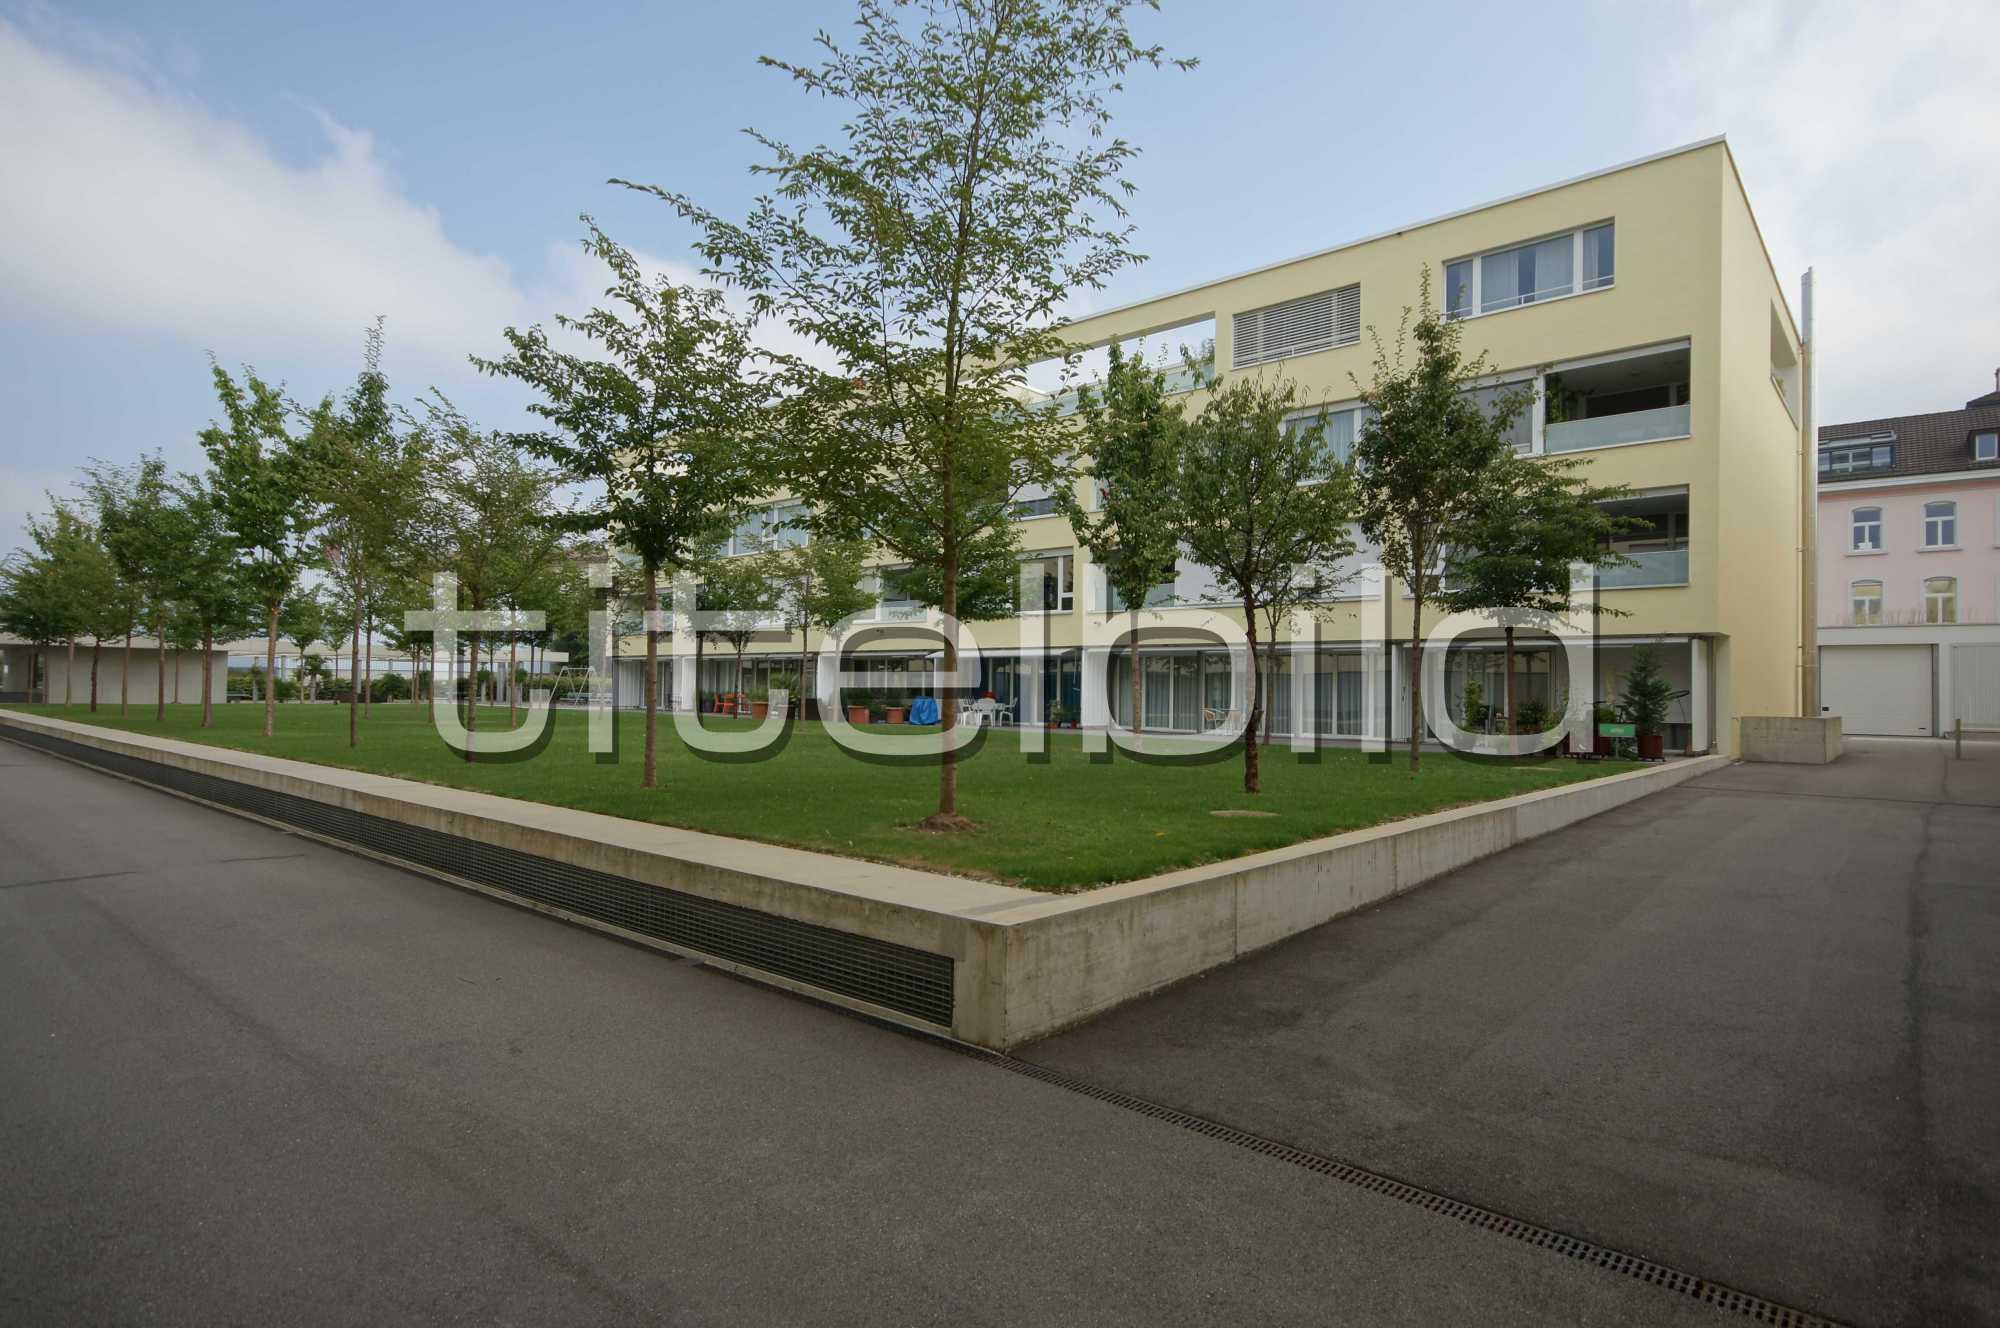 Projektbild-Nr. 5: Wohn- und Geschäftshaus Forstacker